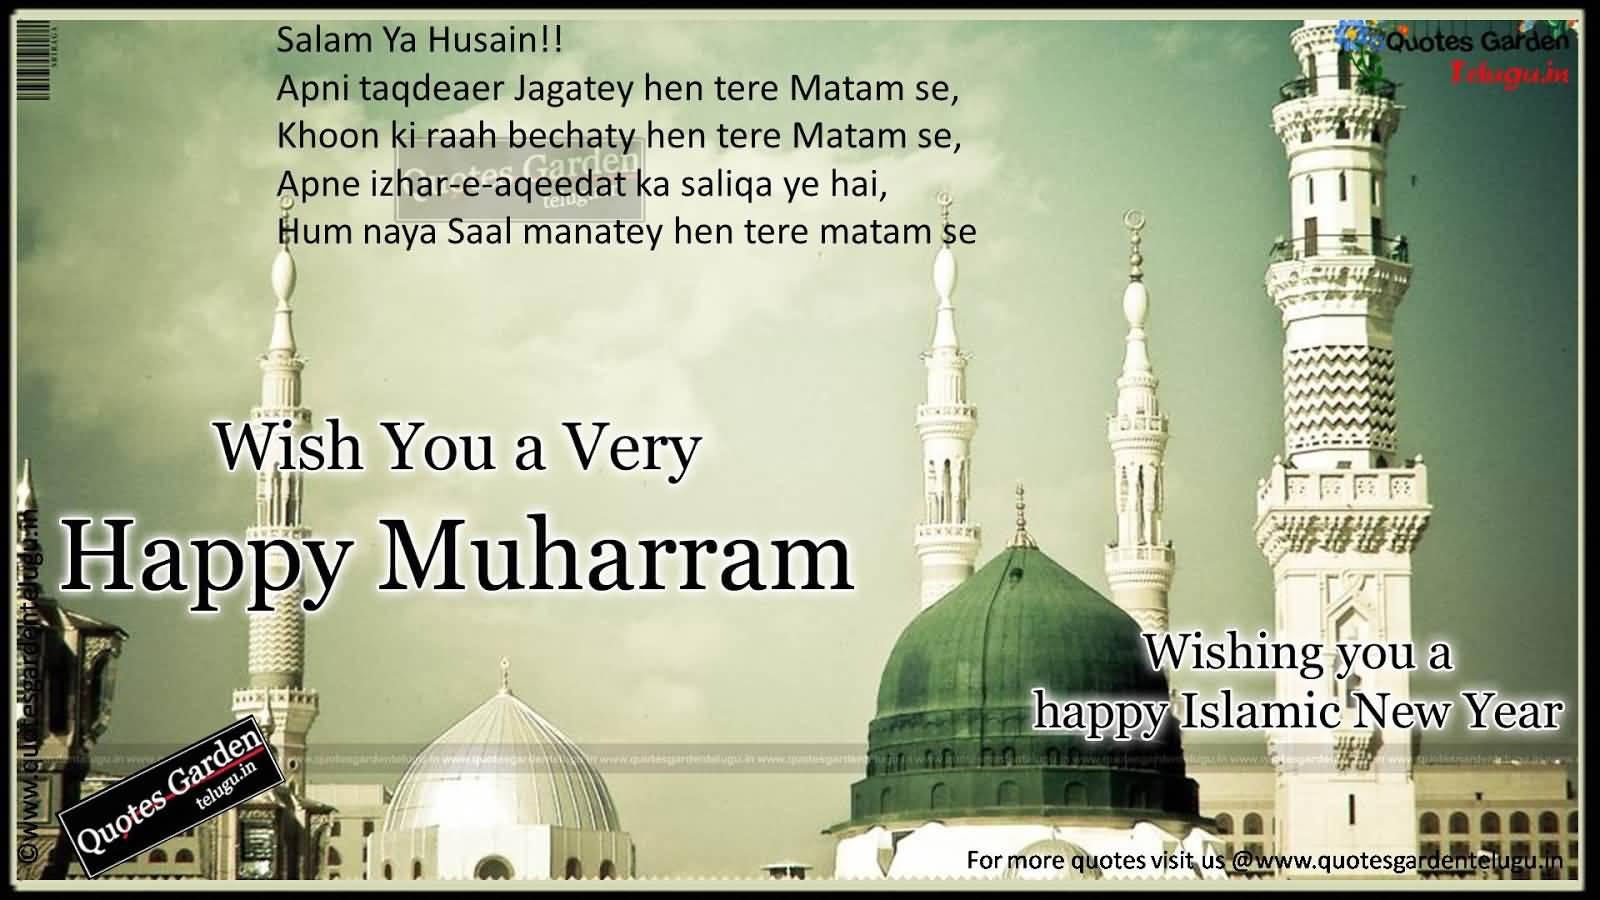 Muharram ul haram Hd Greetings Photos